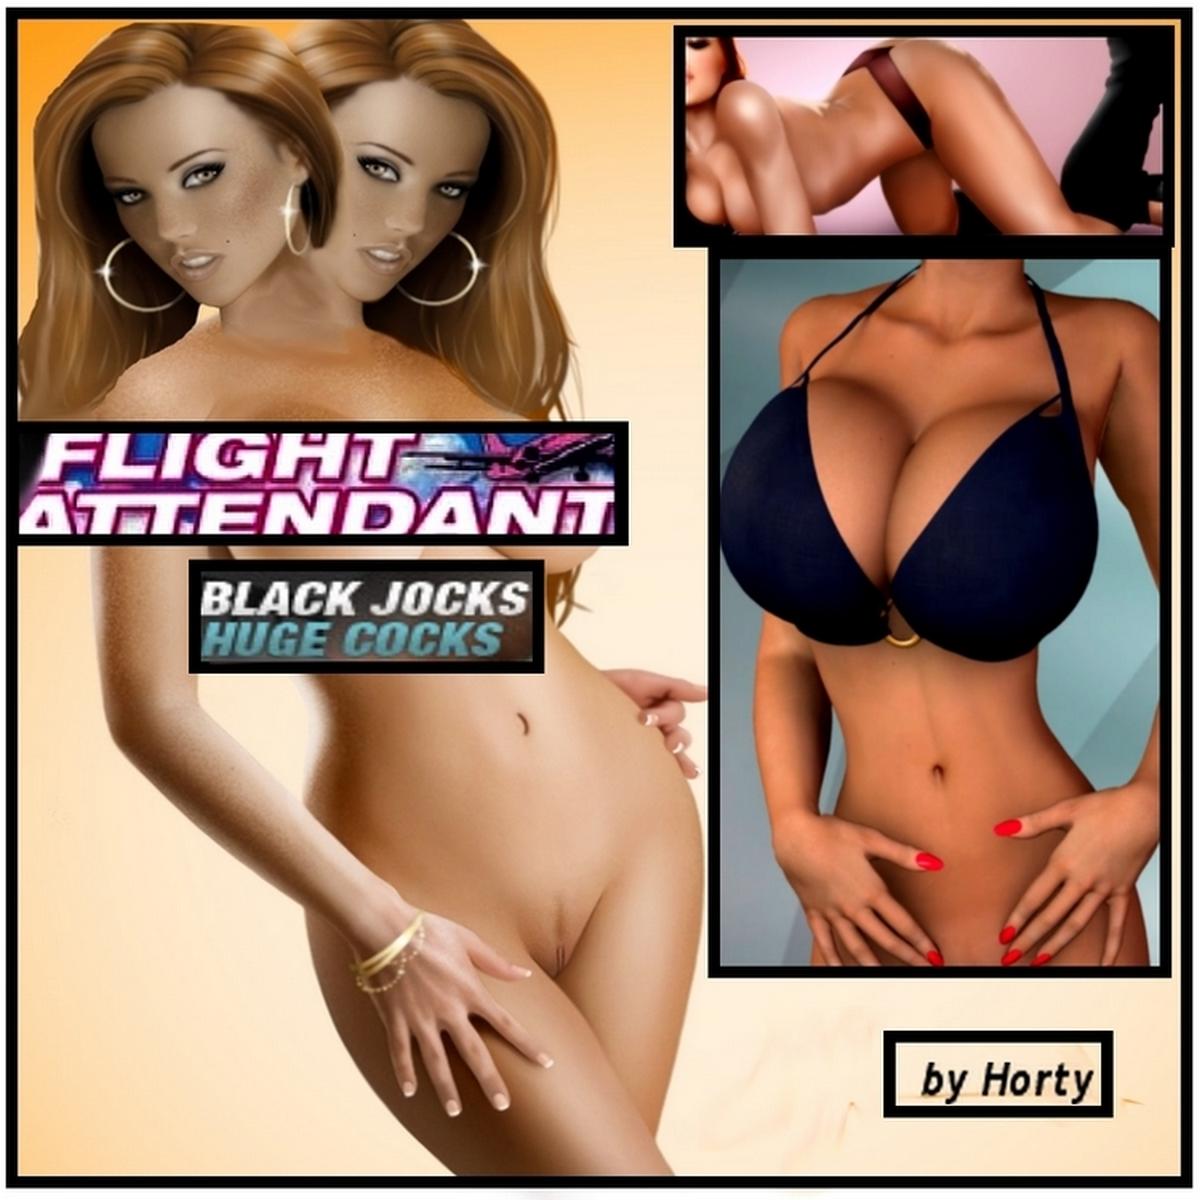 Flight Attendant- Black jocks huge cocks